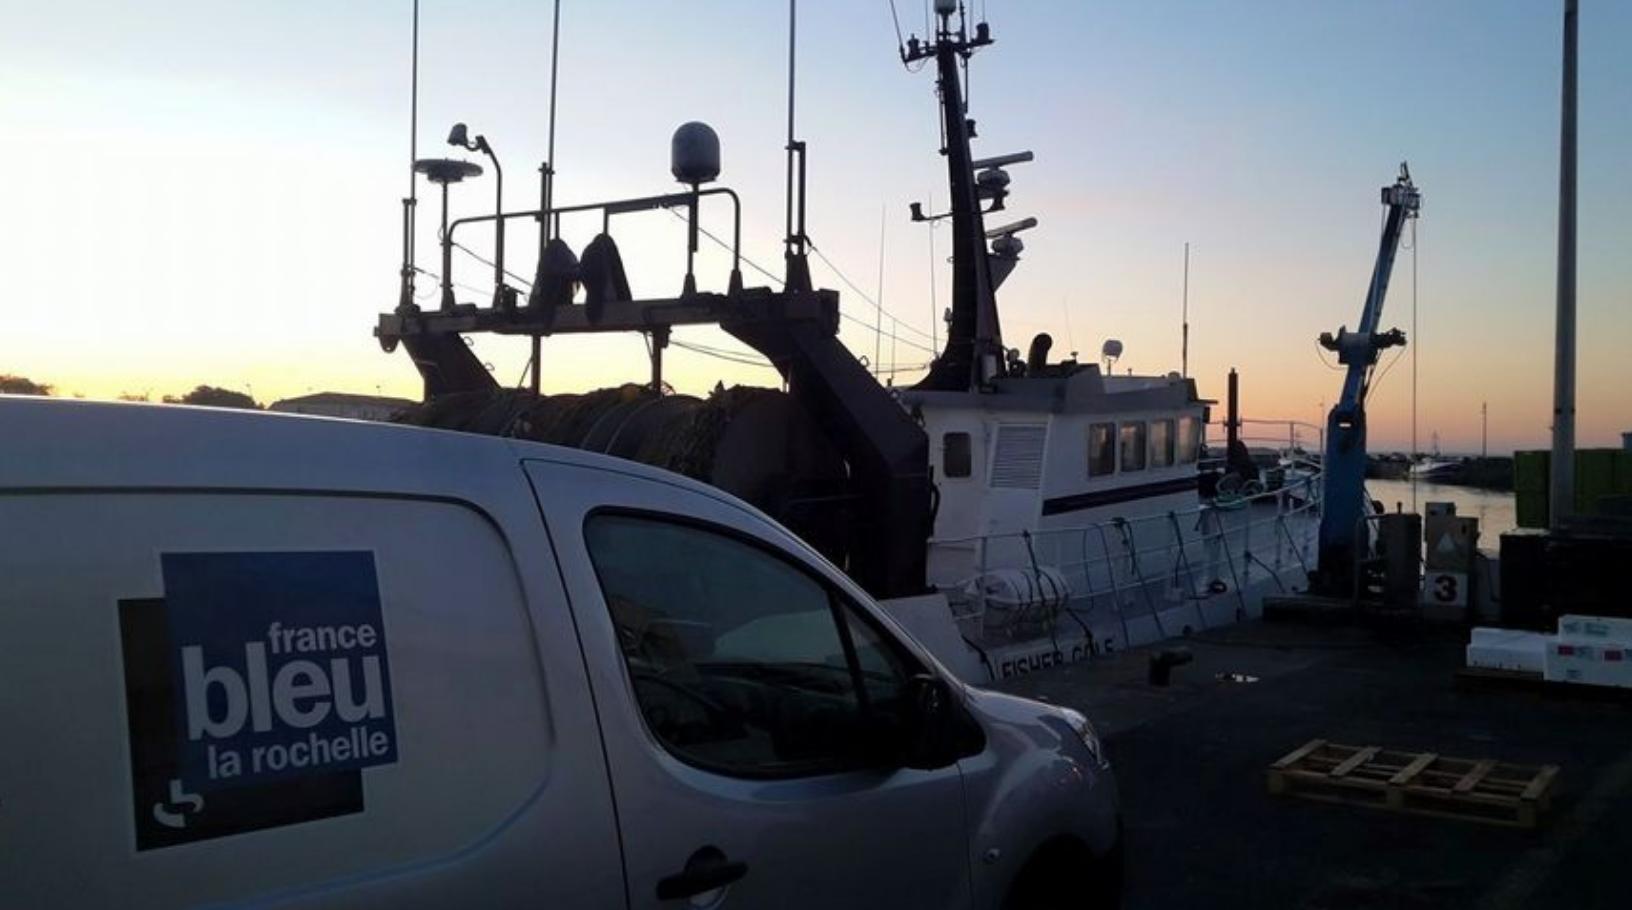 De bon matin, en direct du Port de la Cotinière sur l'Île d'Oléron © France Bleu la Rochelle